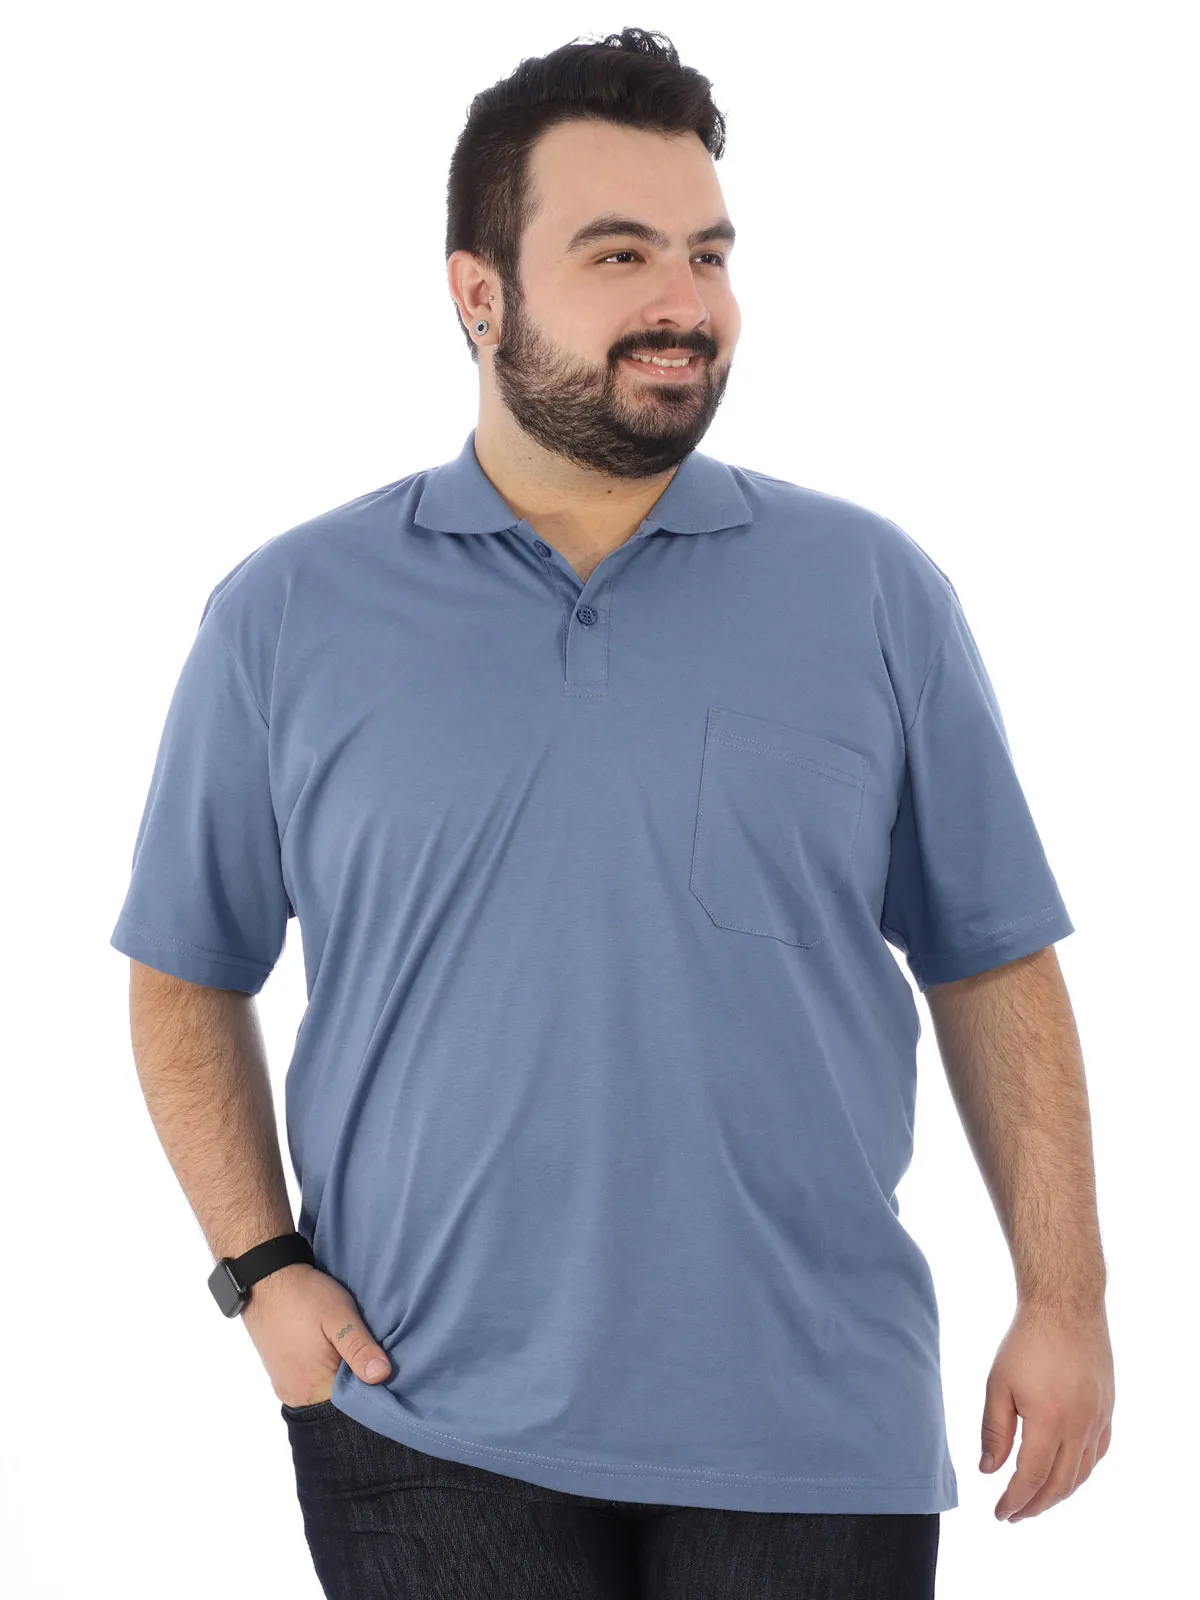 Camisa Polo Plus Size Masculina Básica C/ Bolso Indigo